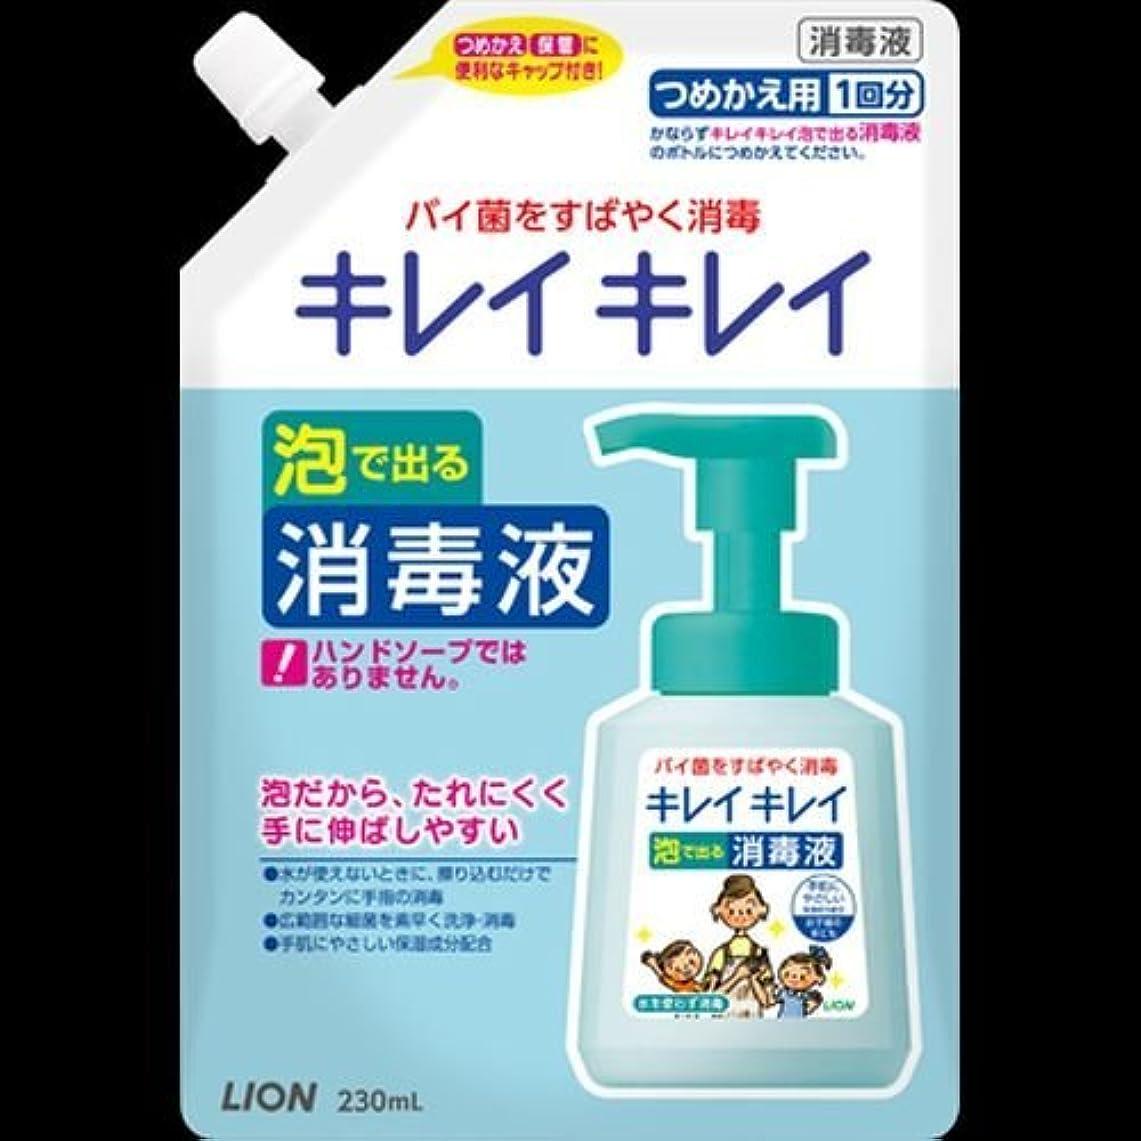 寛容な寛容なシリアルキレイキレイ 薬用泡ででる消毒液 つめかえ用 230mL ×2セット